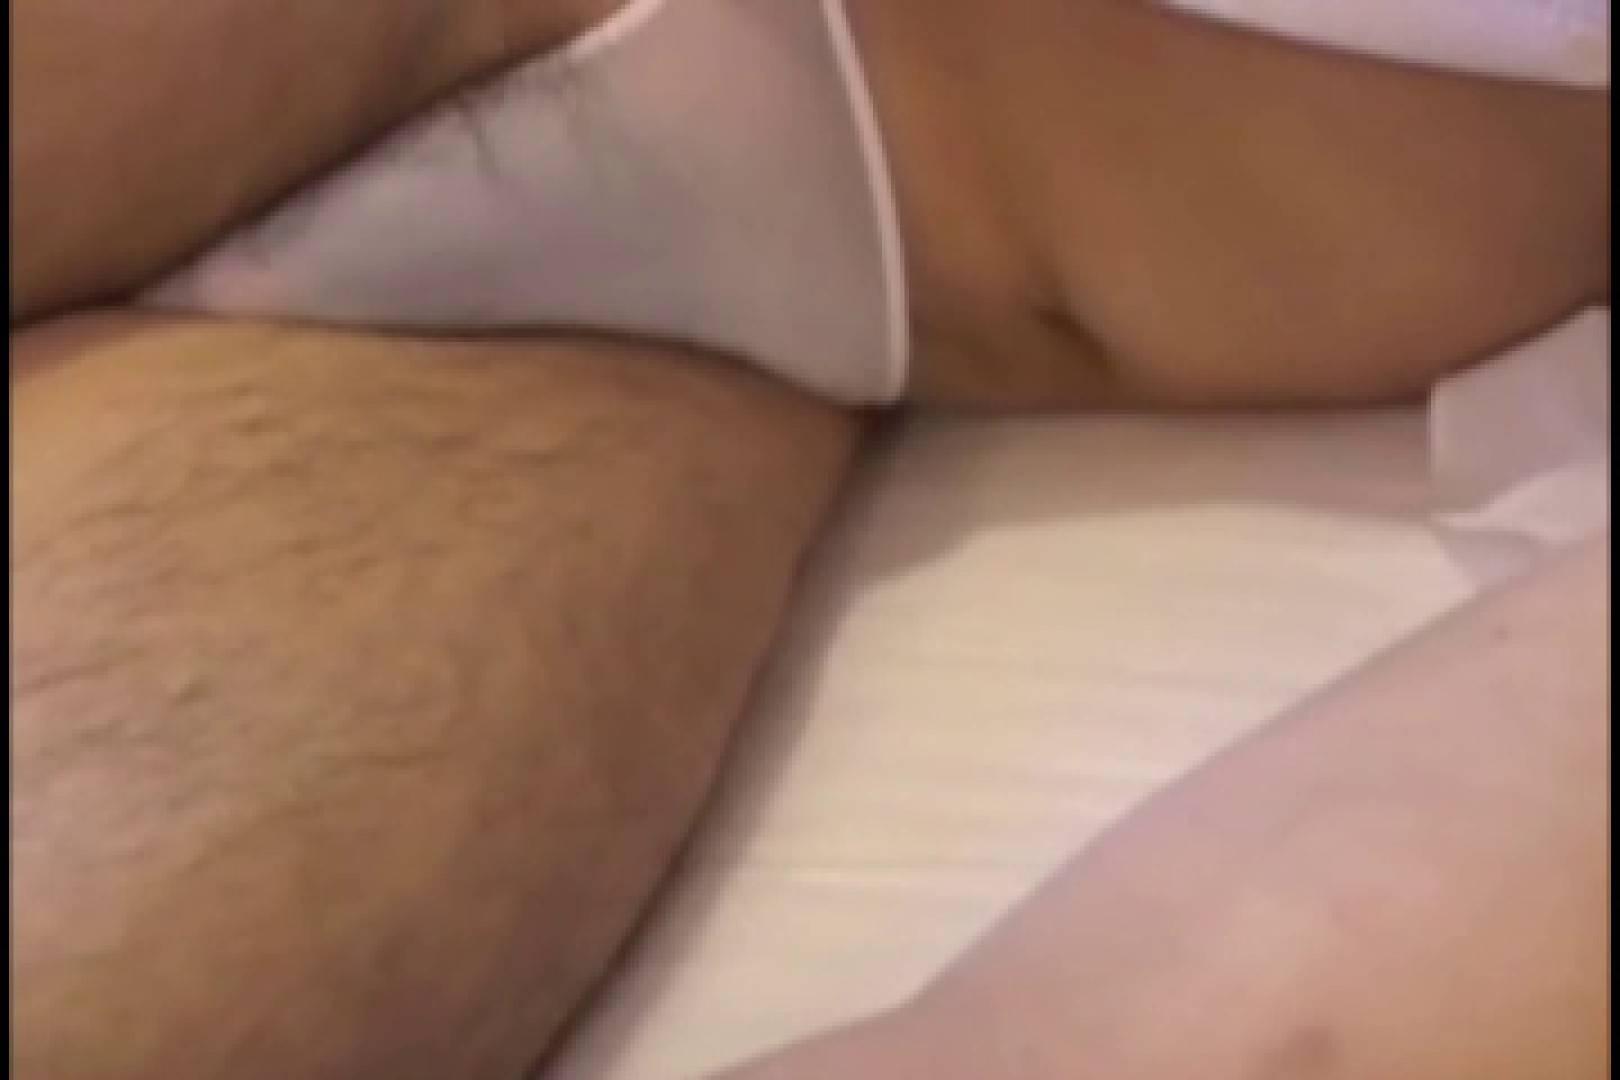 塾年ゲイ男の性交渉 フェラ天国 ゲイエロビデオ画像 54pic 51